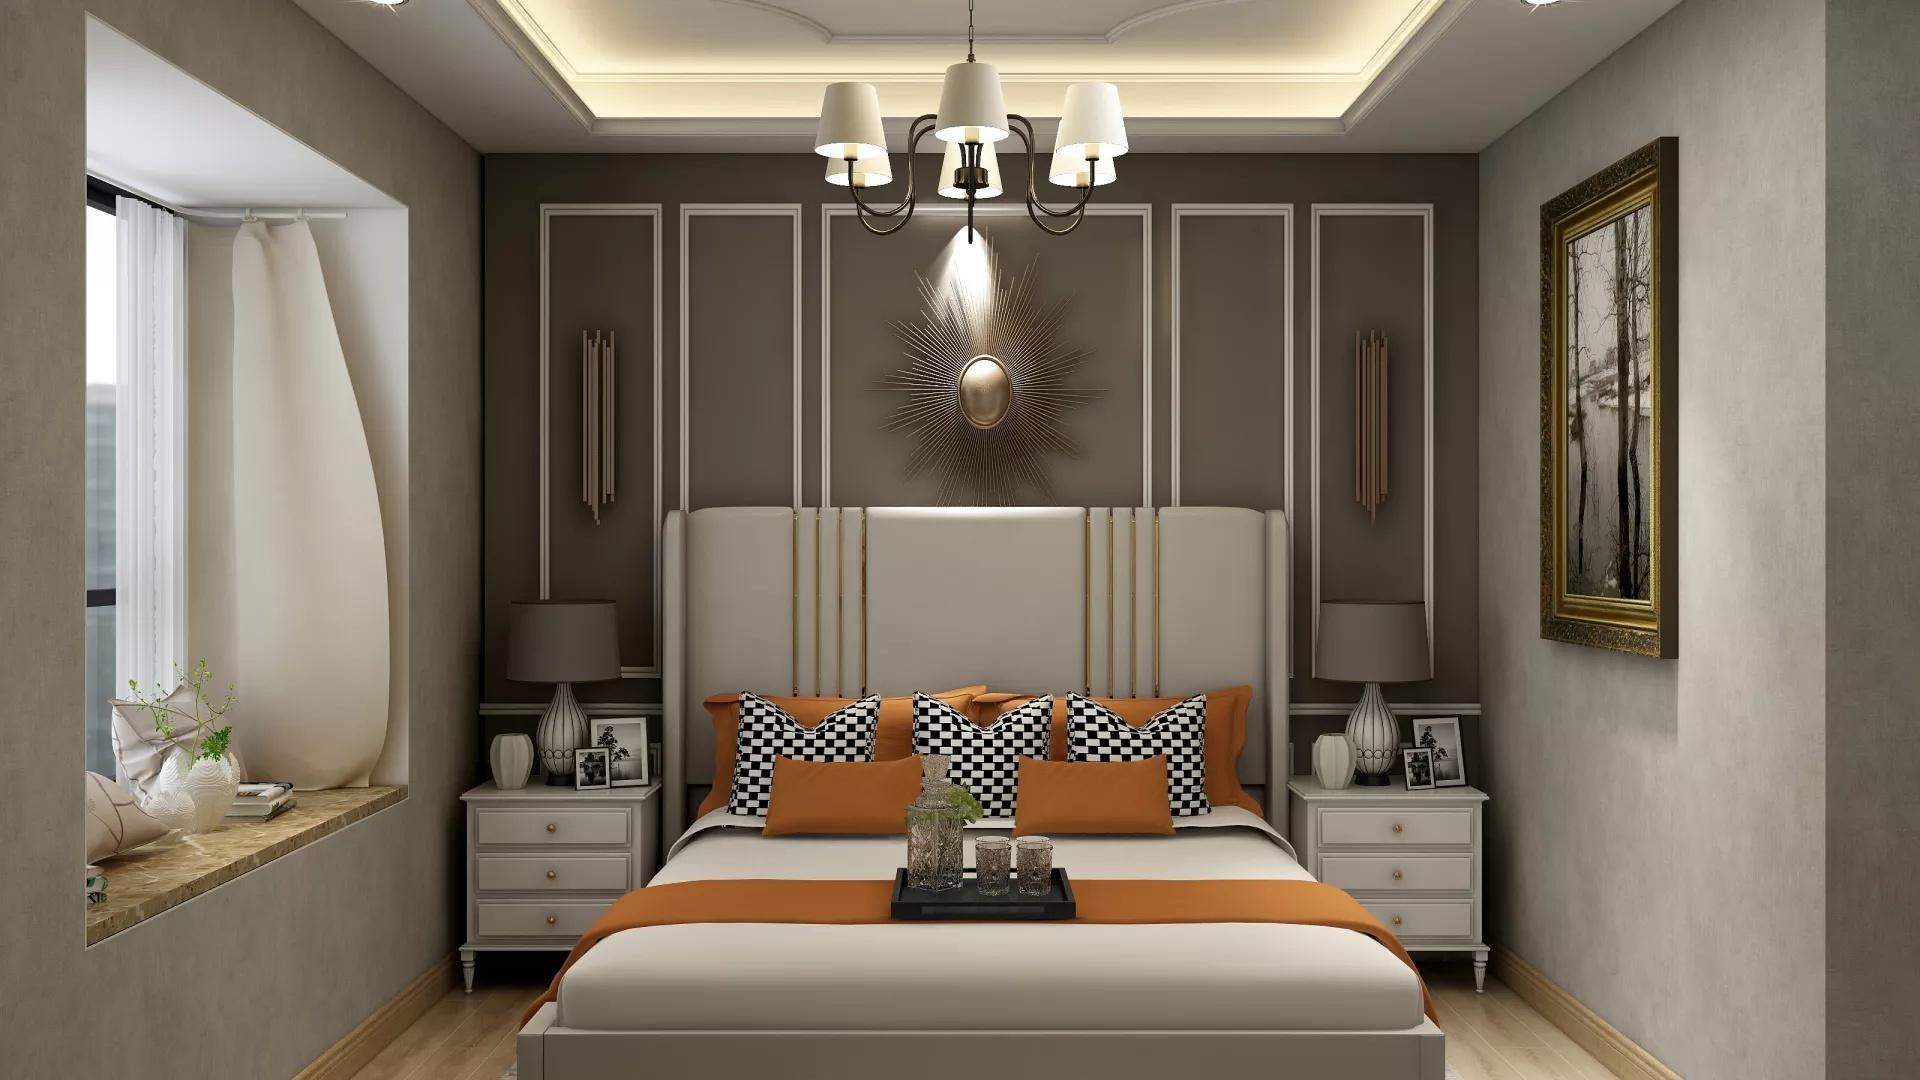 宁夏创庭建筑装饰工程有限公司